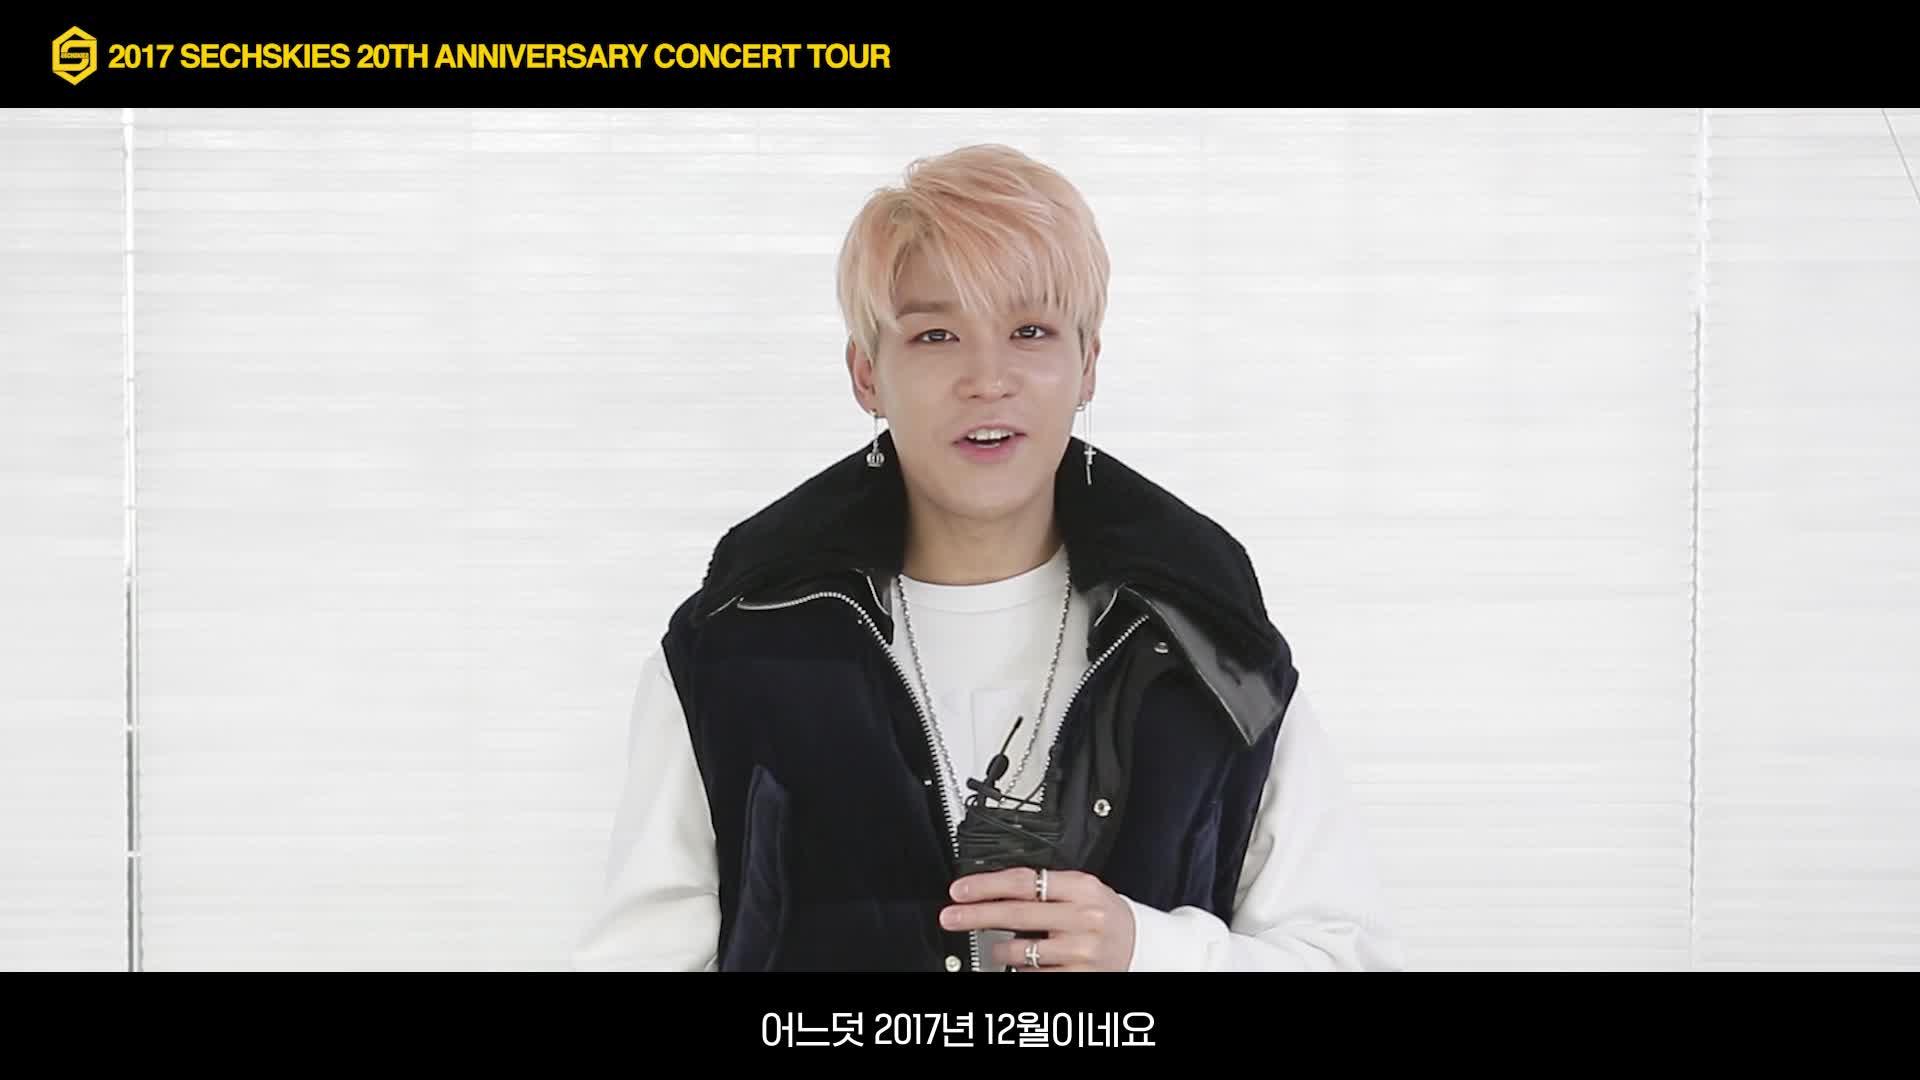 2017 젝스키스 20주년 콘서트 투어 - Holiday Greetings From 성훈